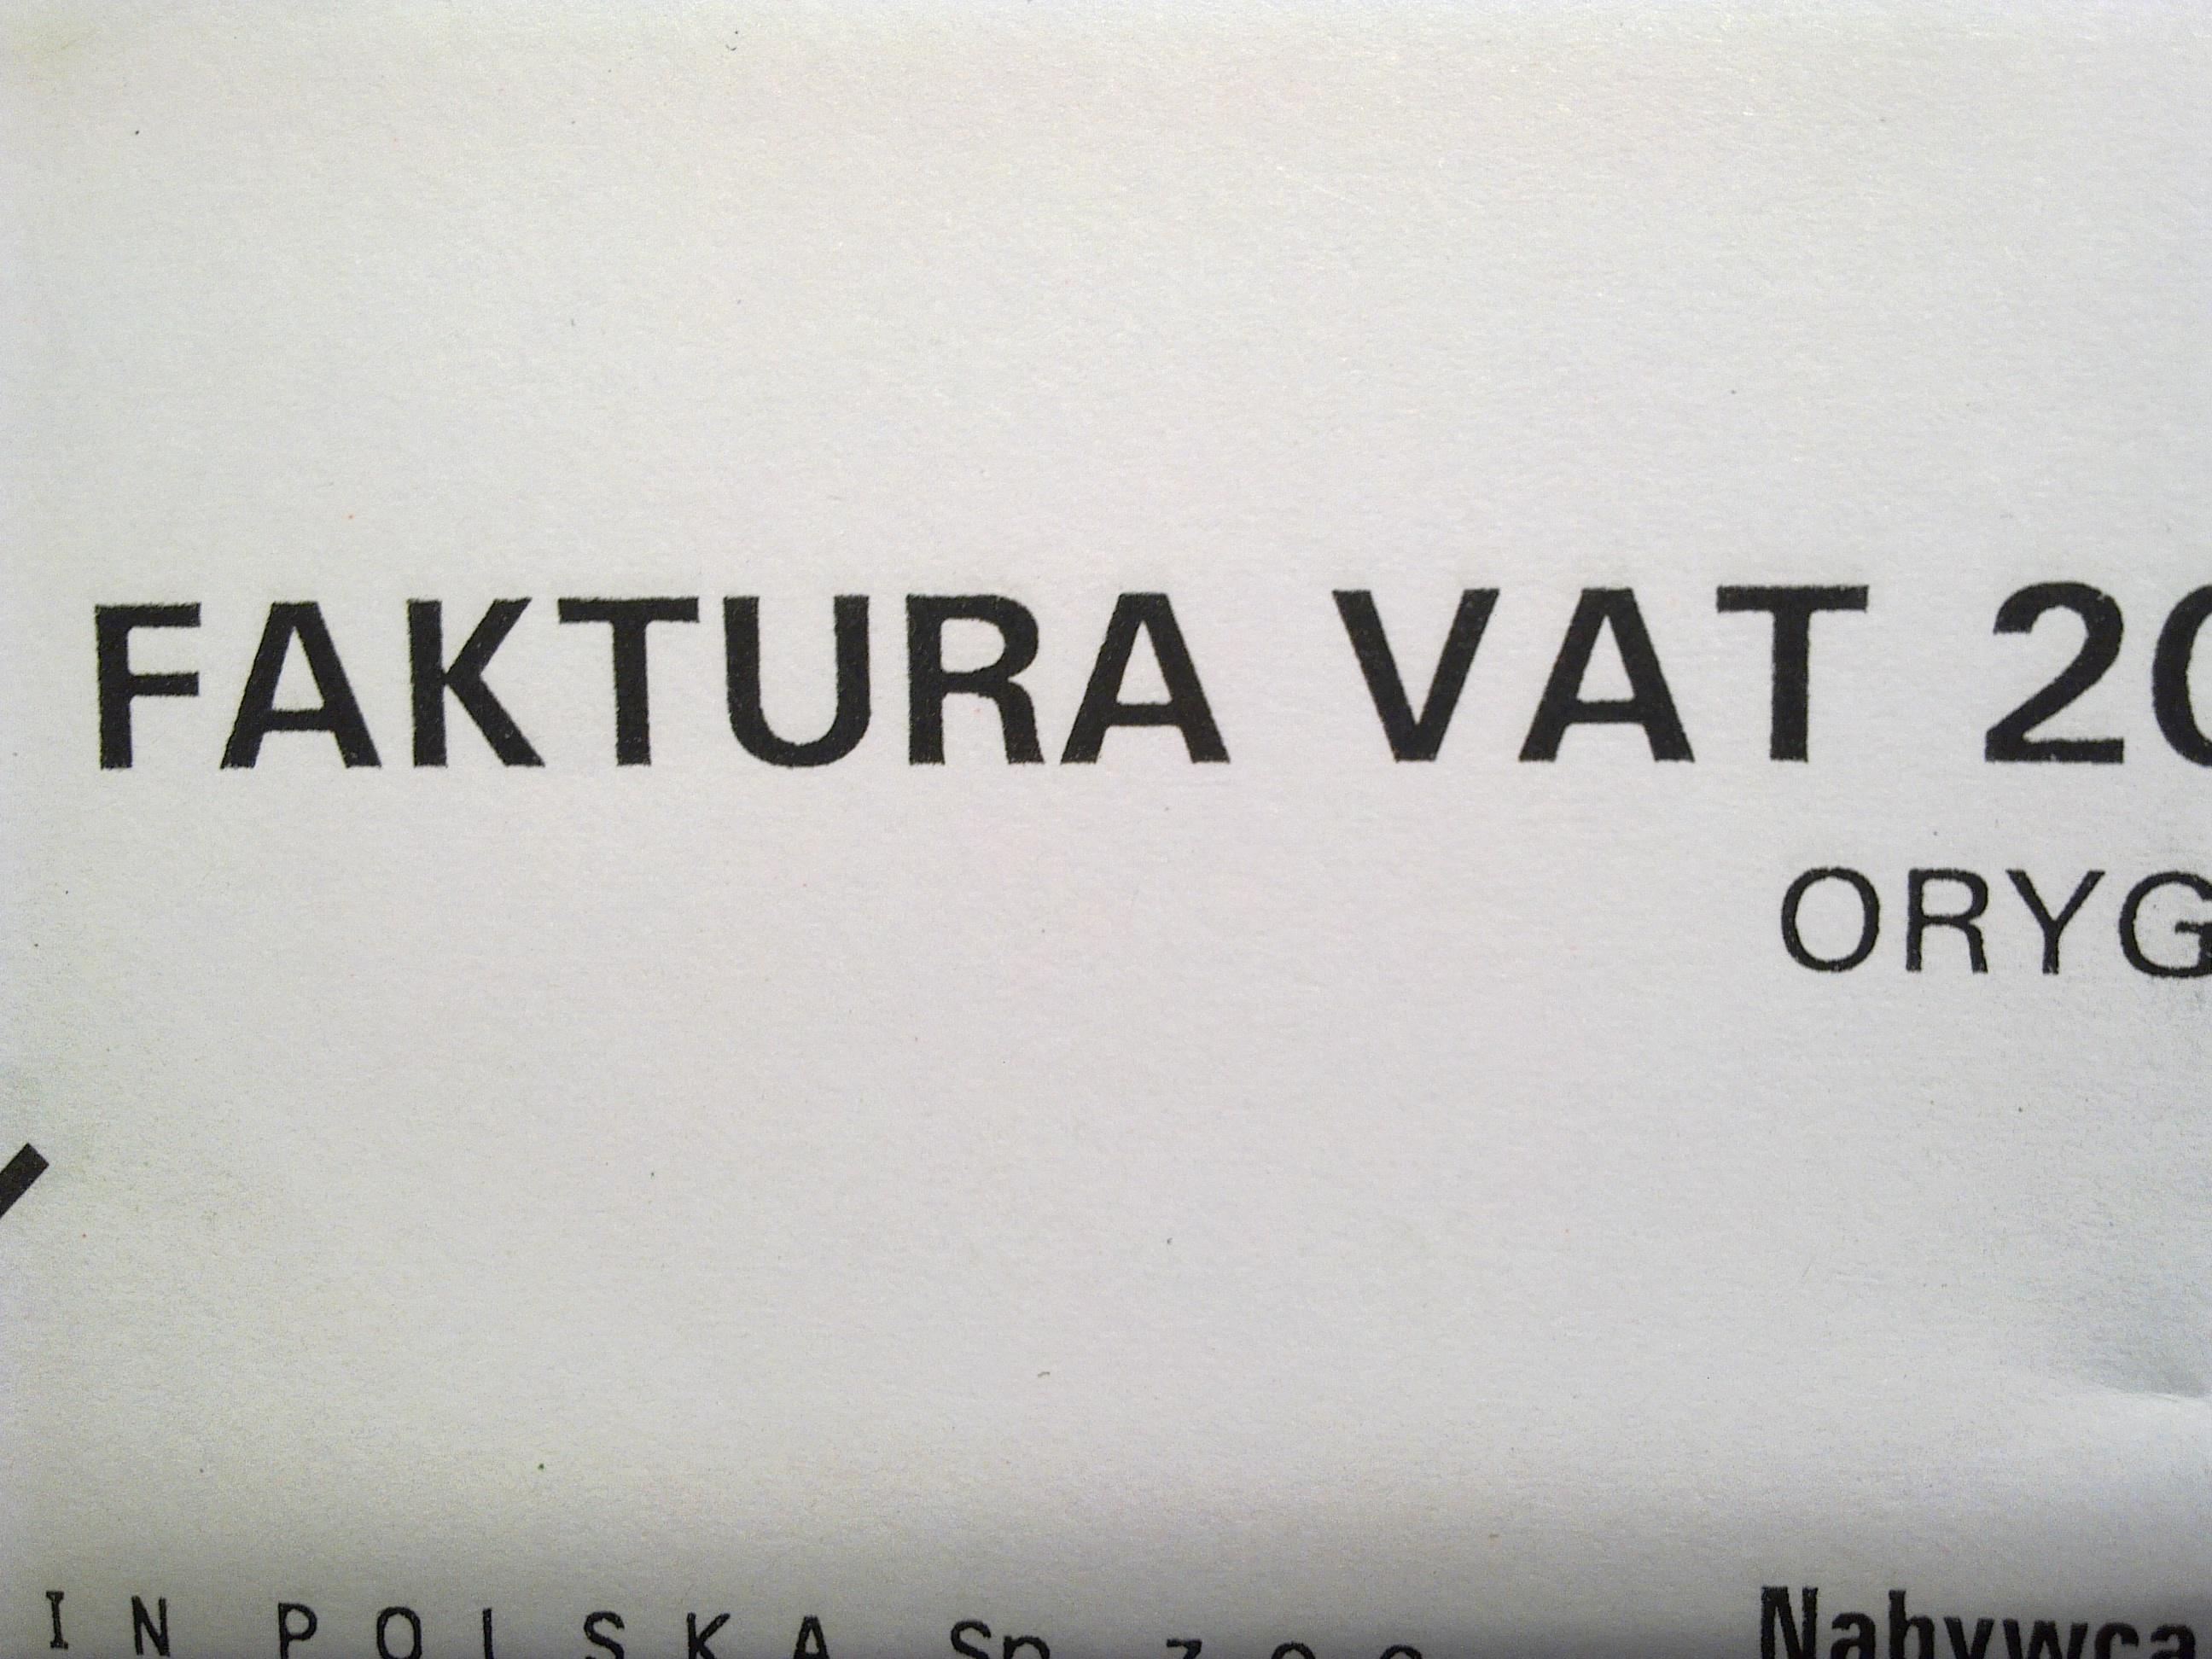 Drobni przestępcy zaczęli wyłudzać VAT